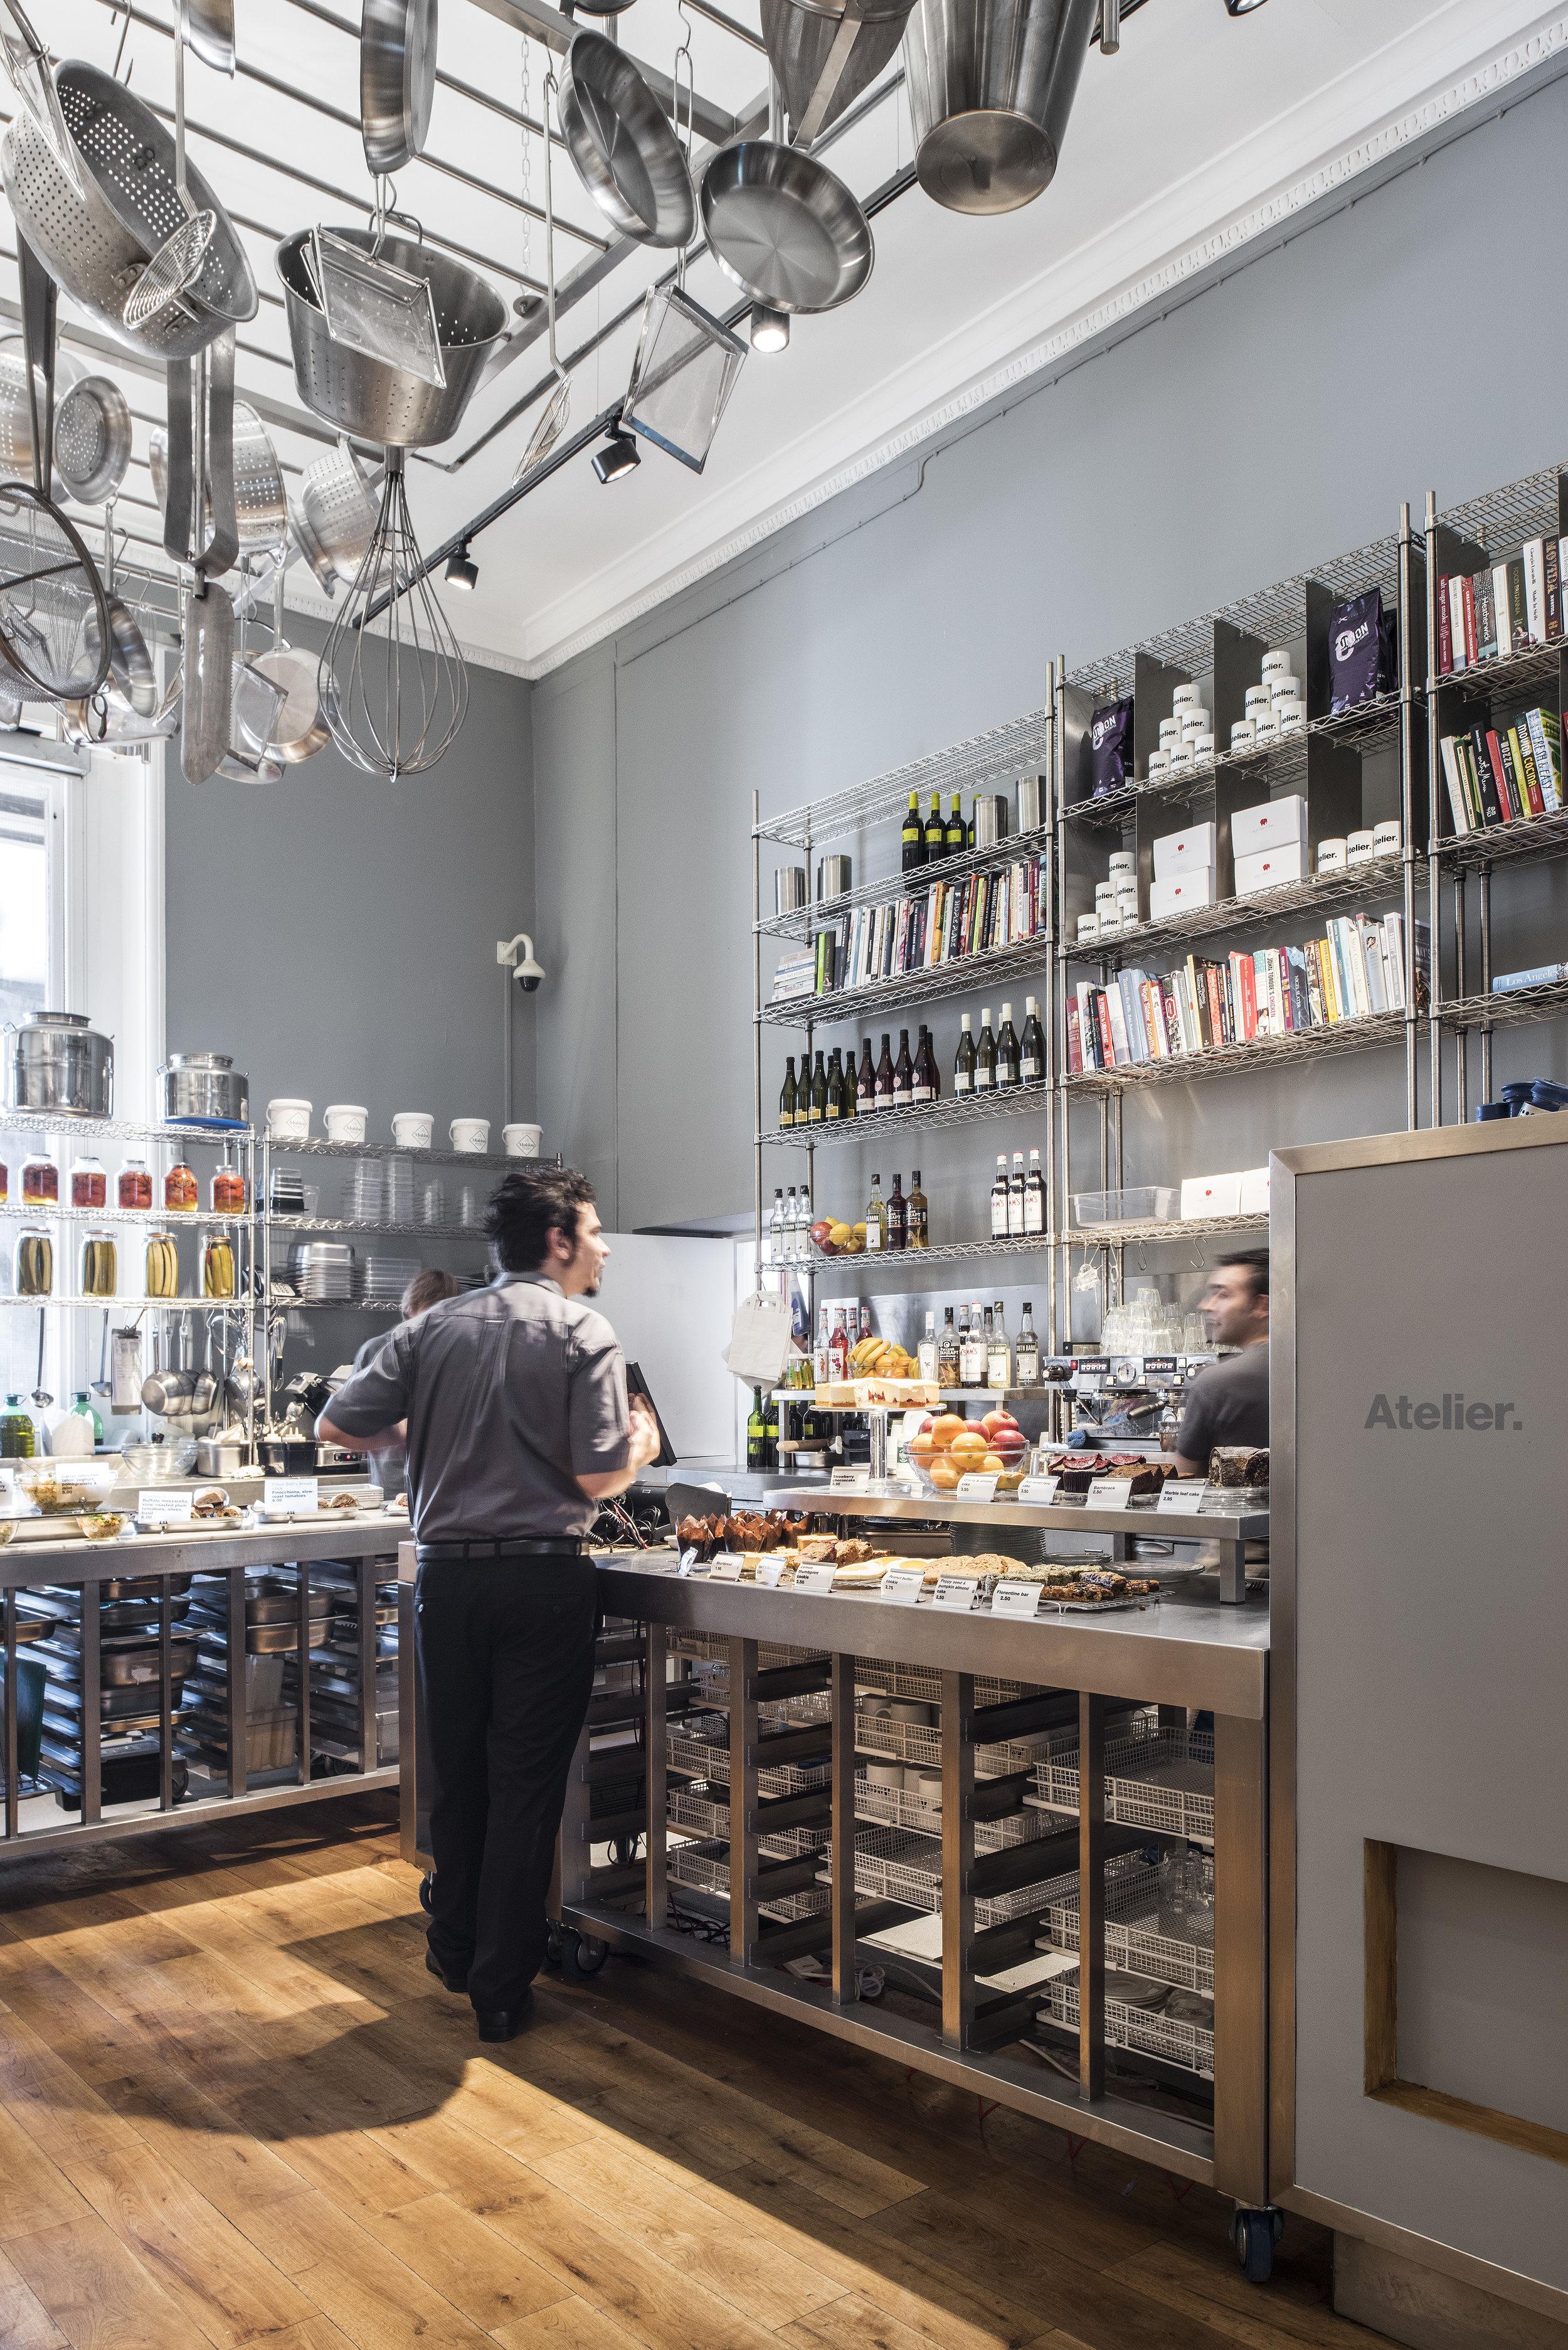 Atelier-Cafe-Jill-Tate-05.jpg